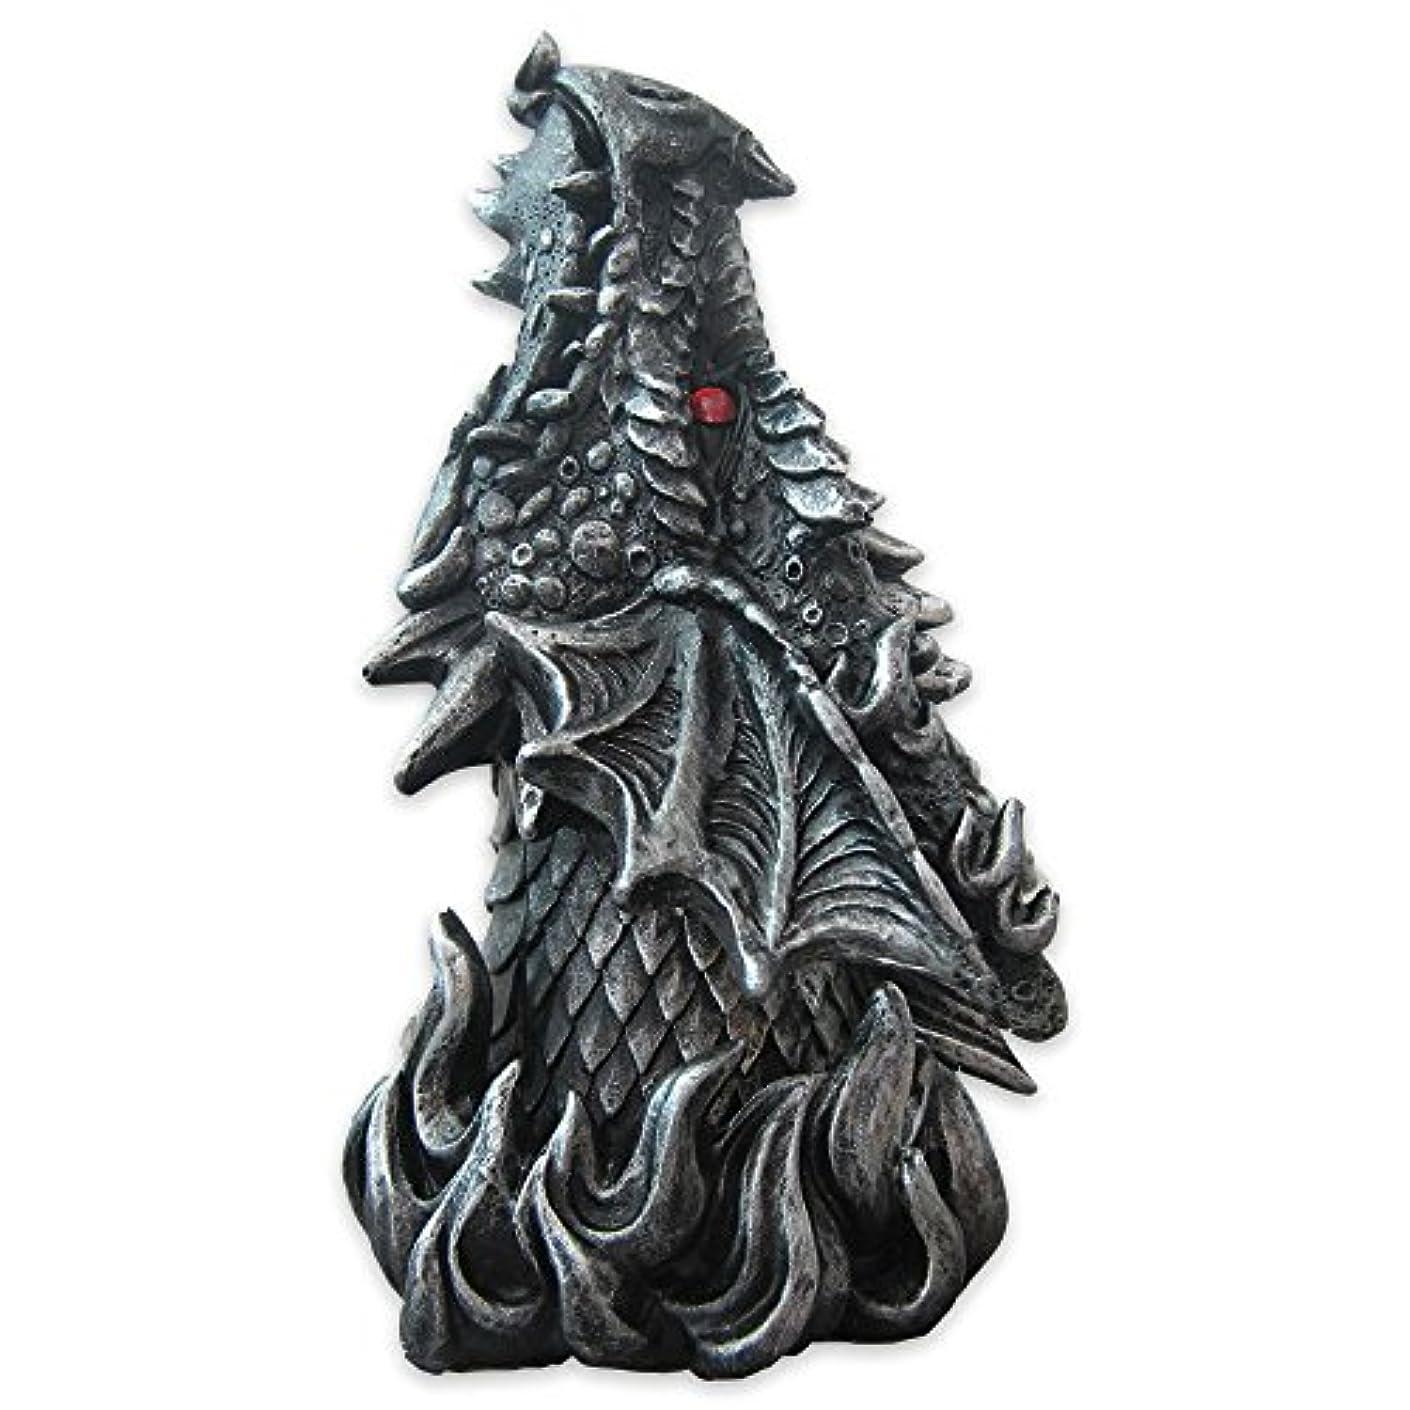 れんがに対処するキャプションDragon Figure Cone Incense Burner Fiery Eyes - Gothic Smoke Breathing Decor